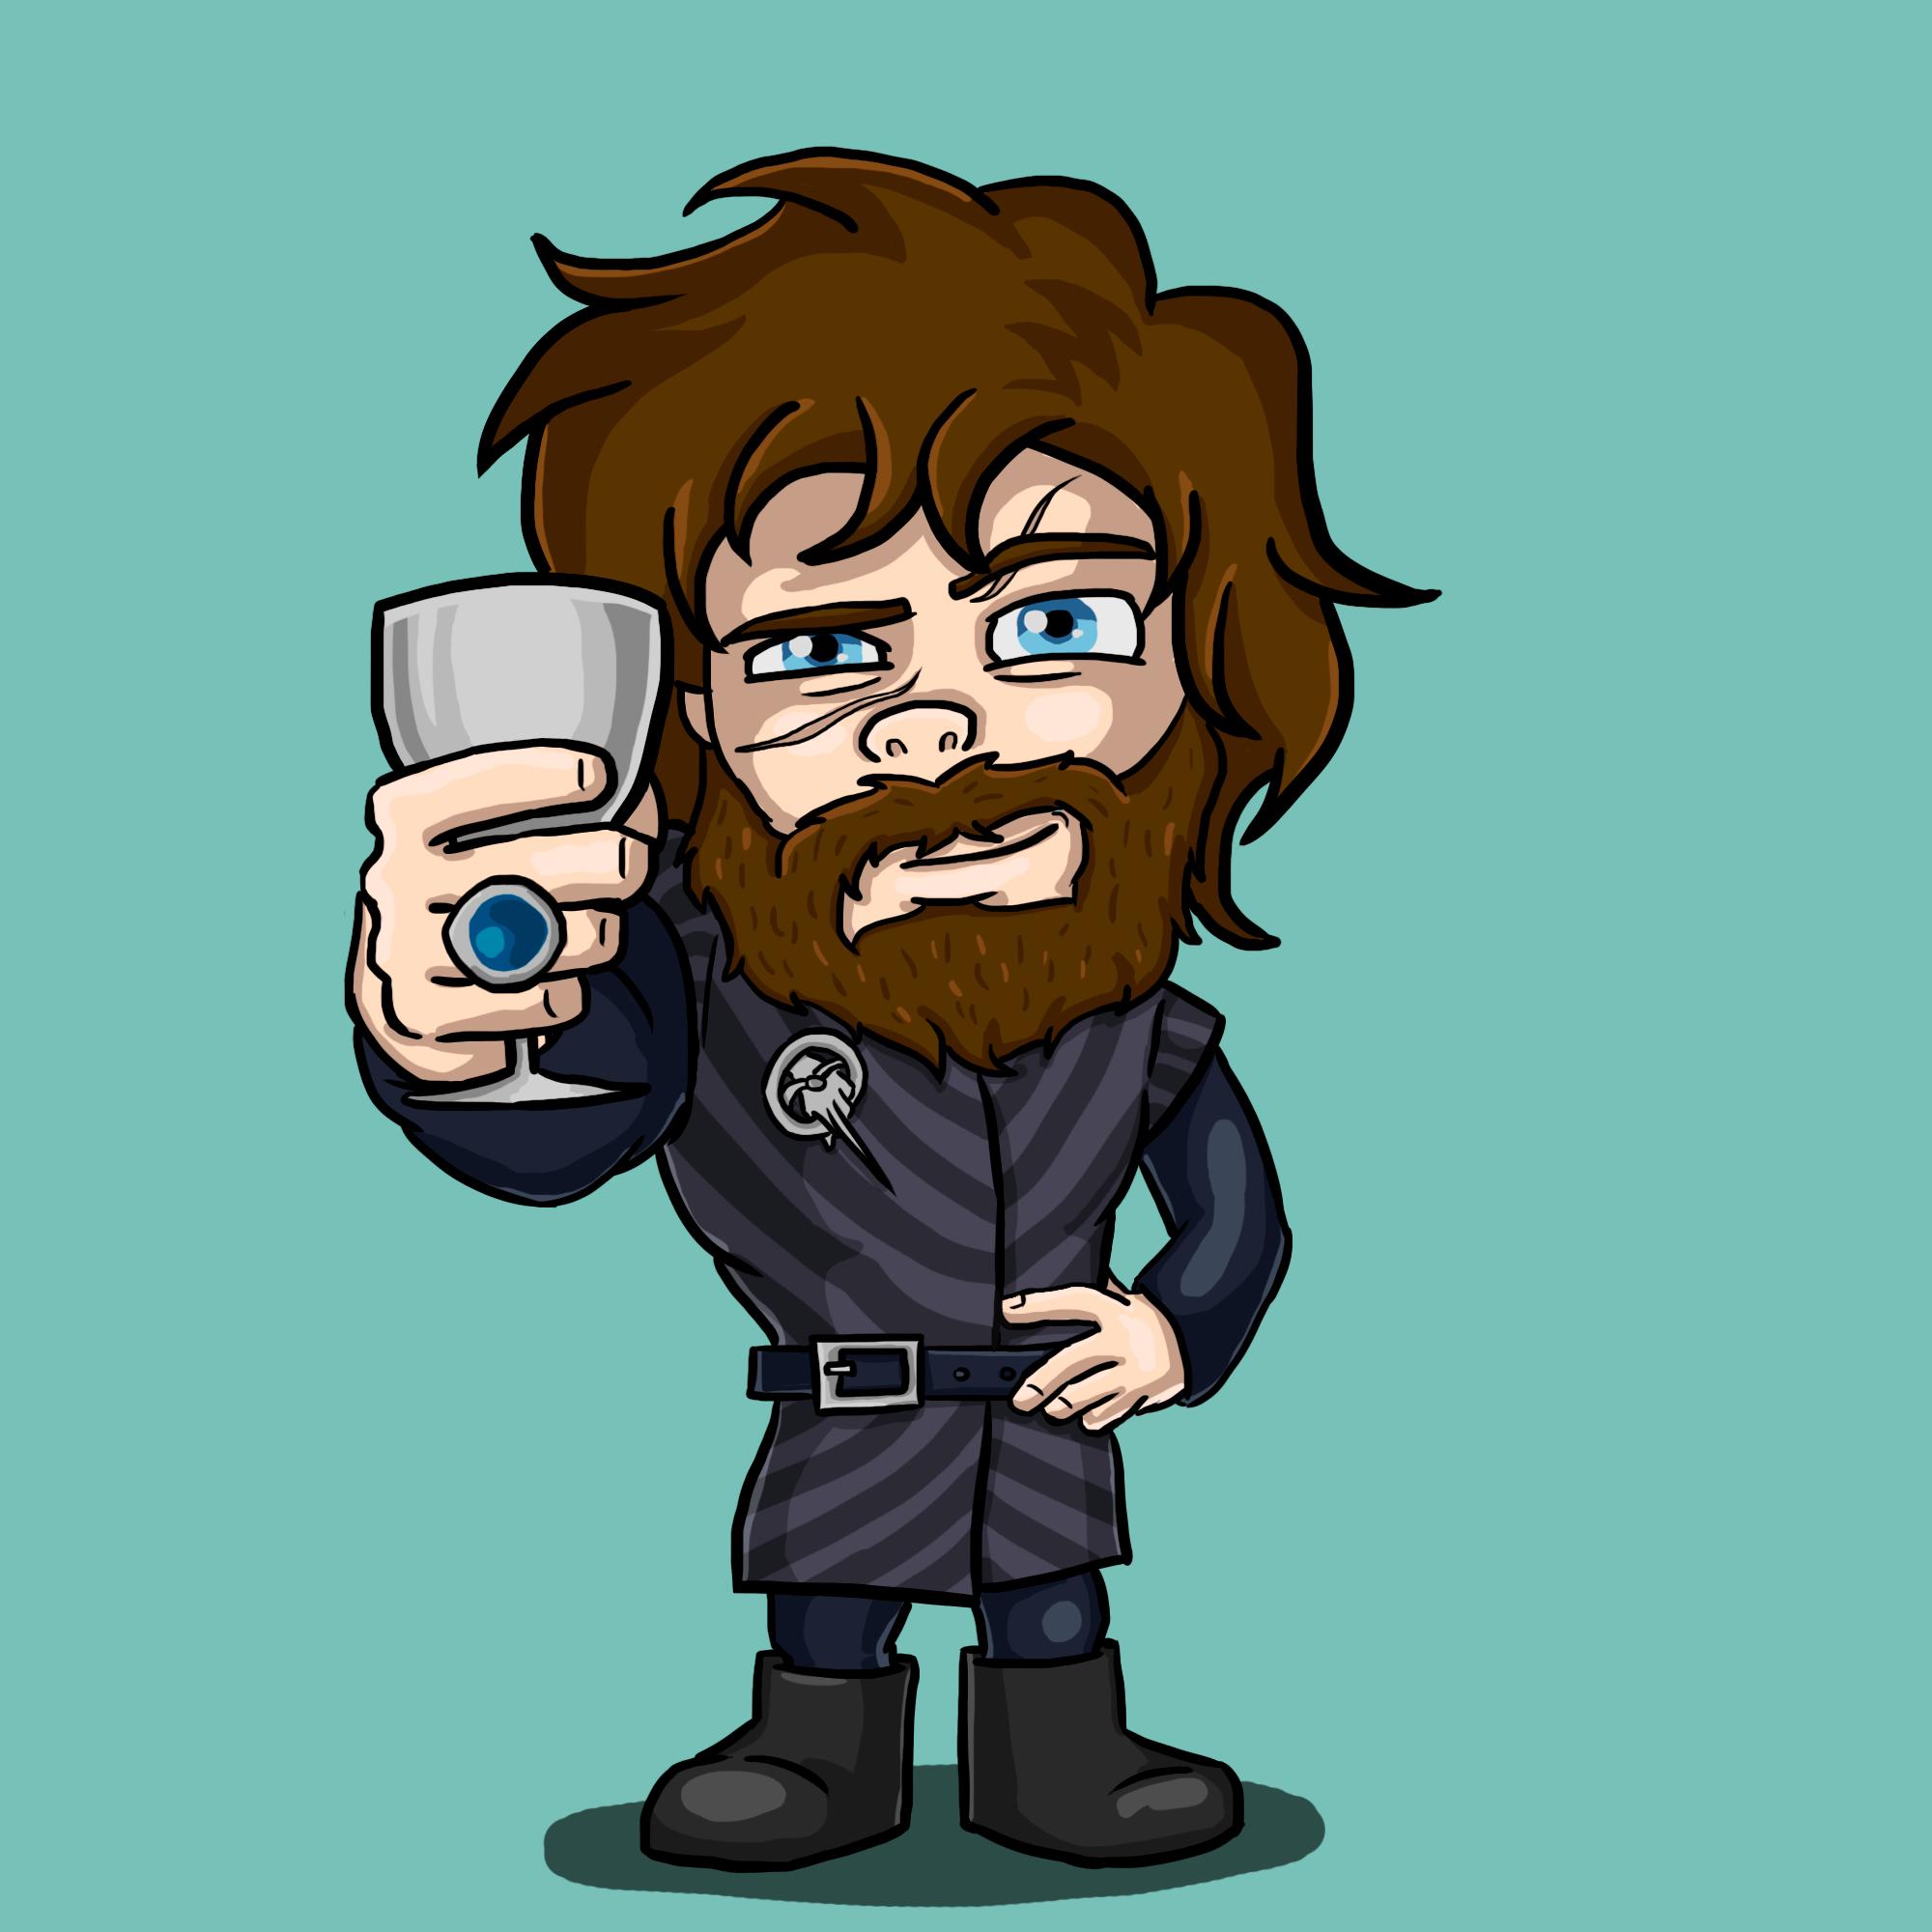 Tyrion Lannister (fan-art)